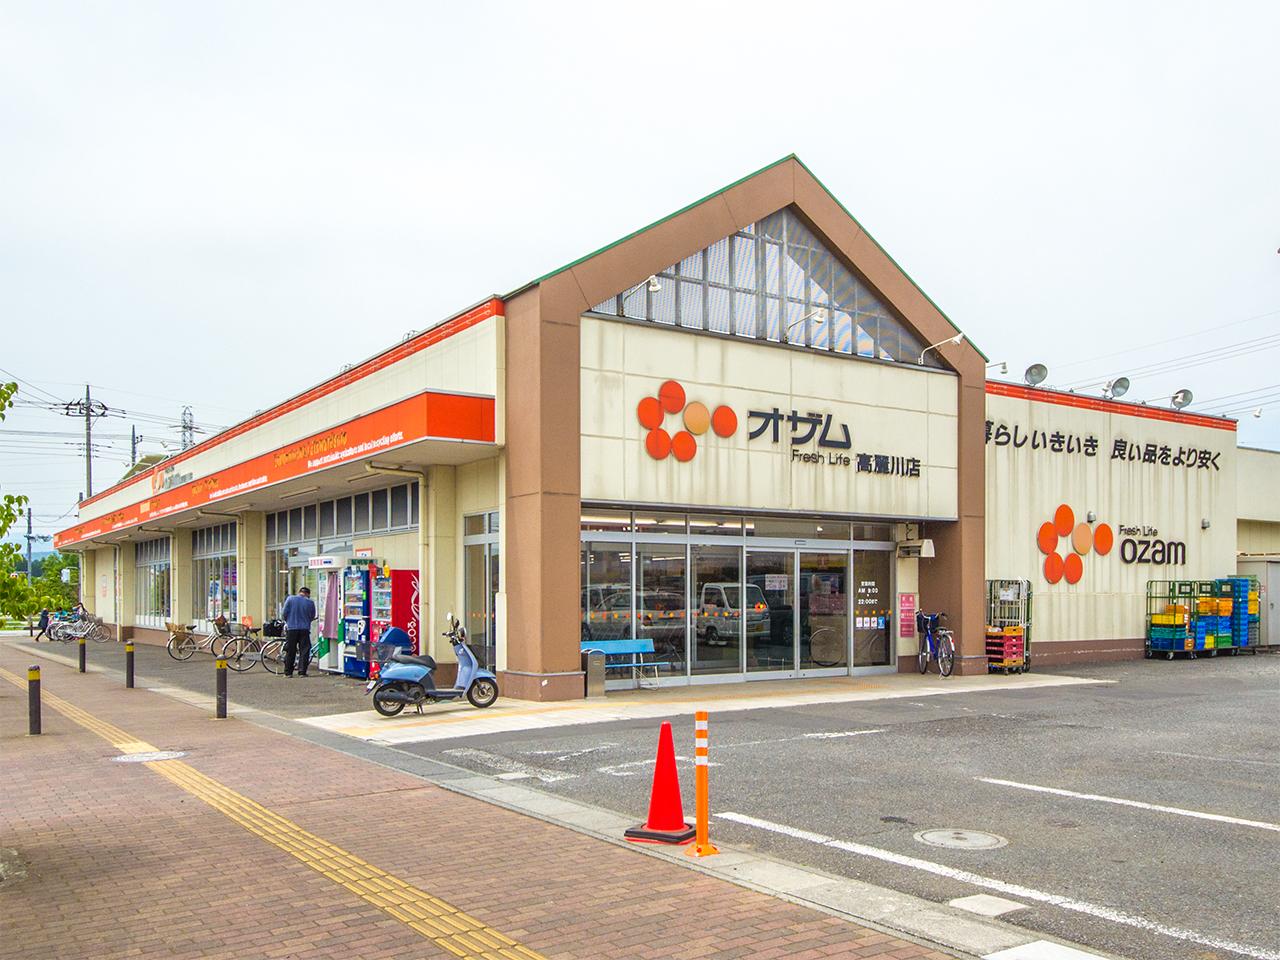 スーパーオザム 高麗川店